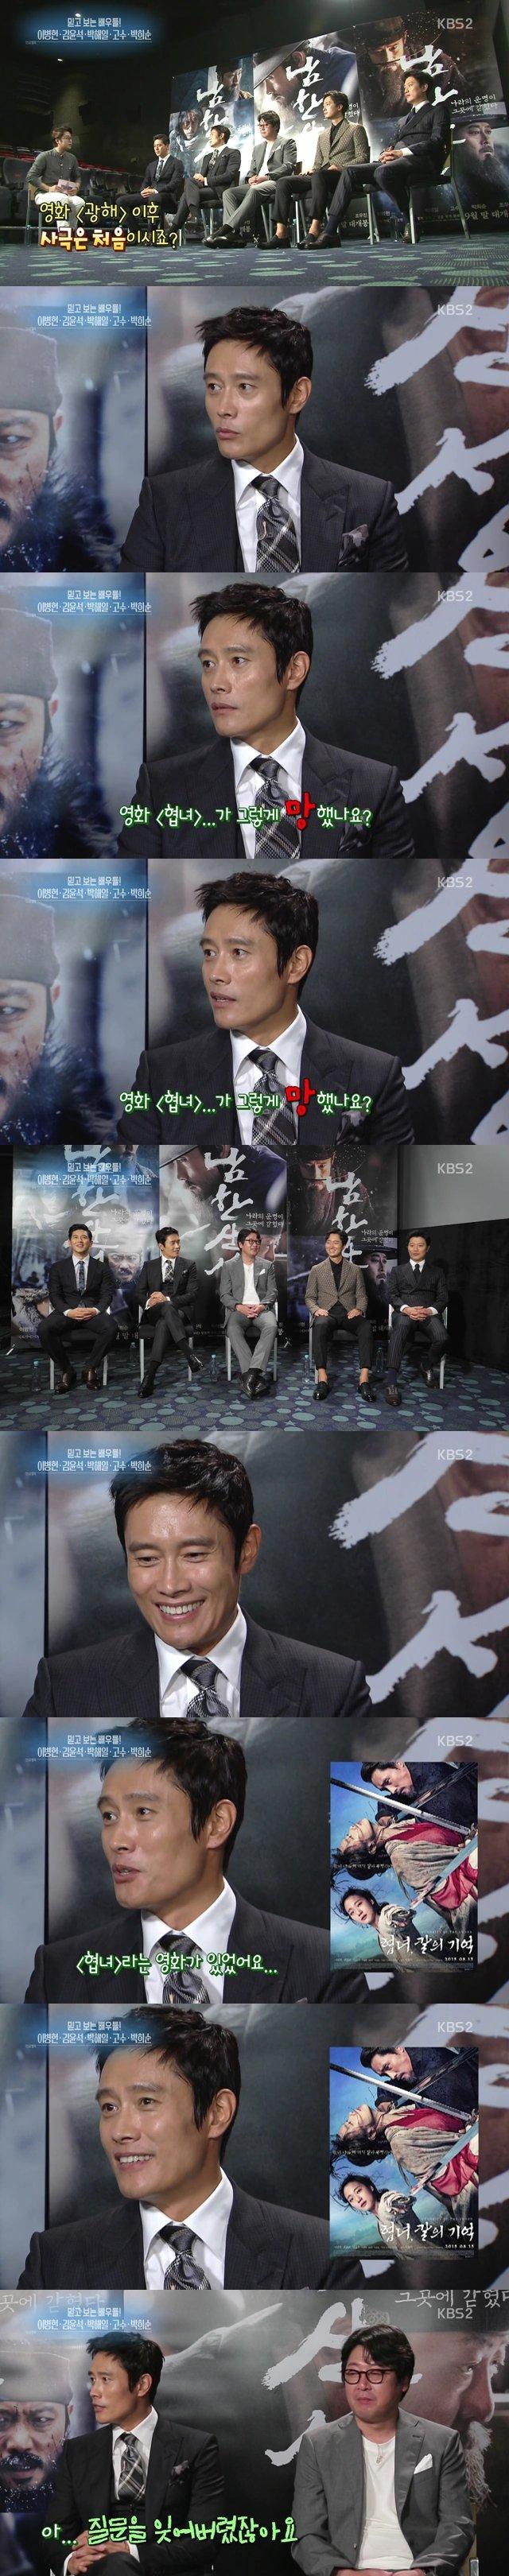 http://image.fmkorea.com/files/attach/new/20170828/486616/455071670/758078246/3459a6e1e5b005b56c5409017dbff417.jpg